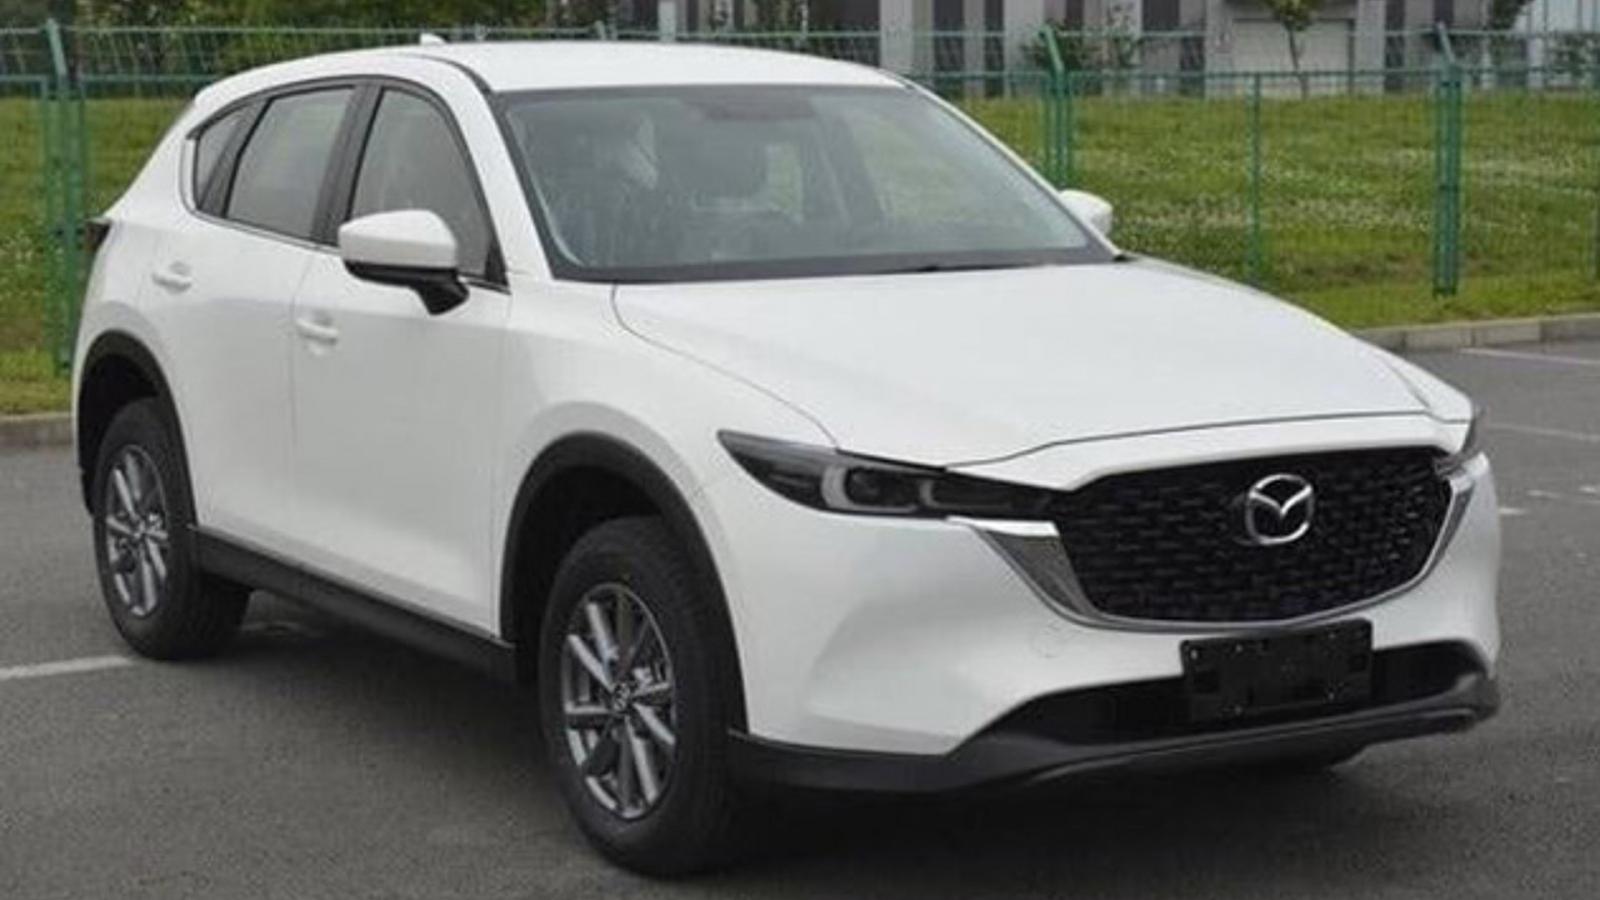 Lộ diện Mazda CX-5 phiên bản nâng cấp, sẽ ra mắt vào cuối năm?